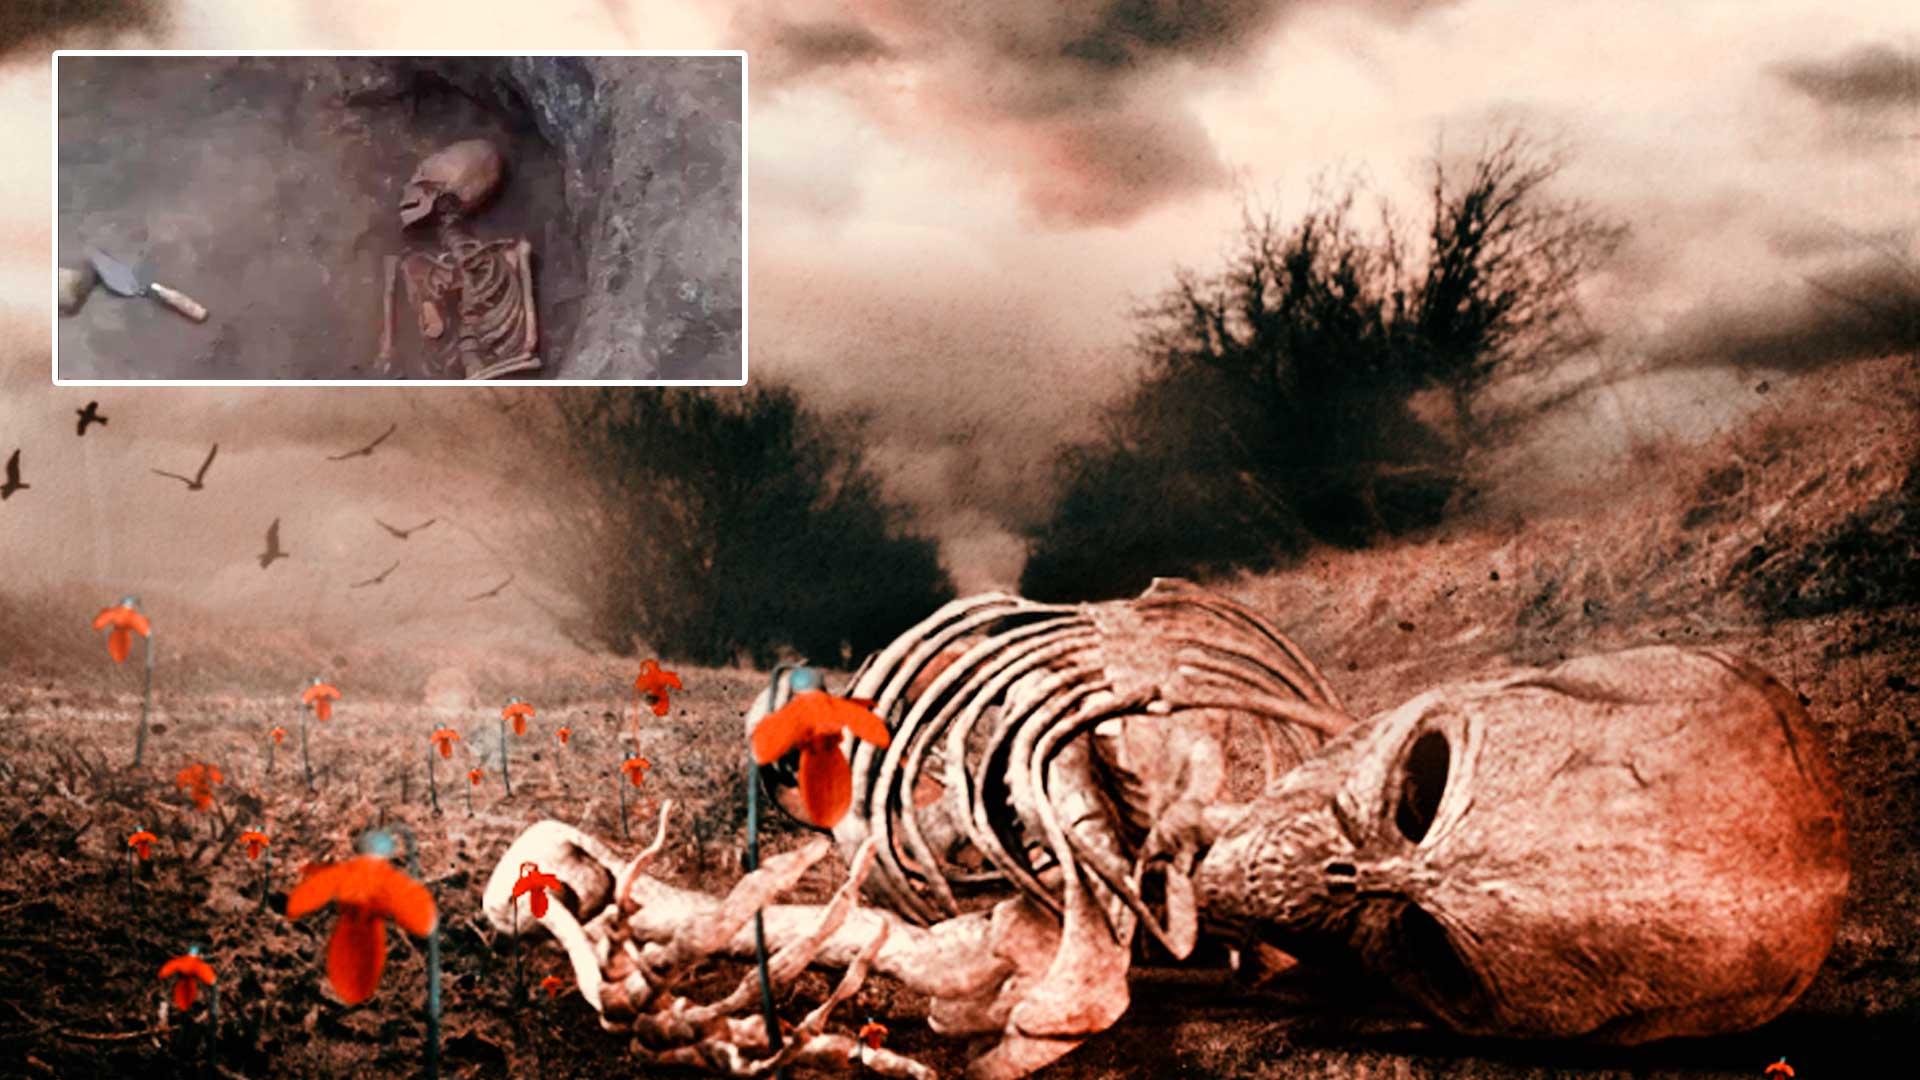 ¿Es este el verdadero esqueleto de una hembra alienígena?